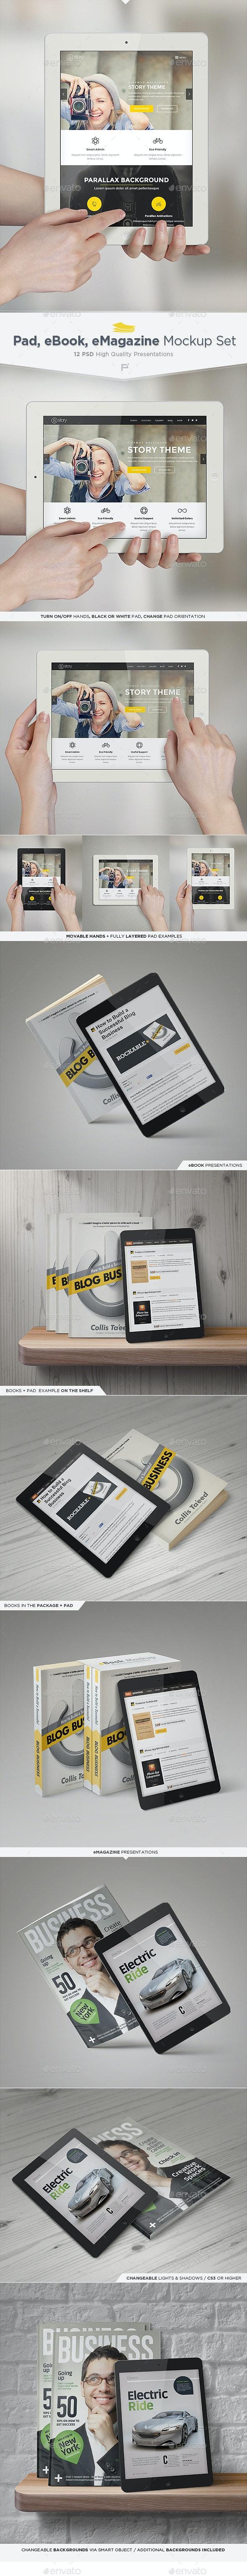 Pad, eBook, eMagazine Mock-Up Set - Multiple Displays